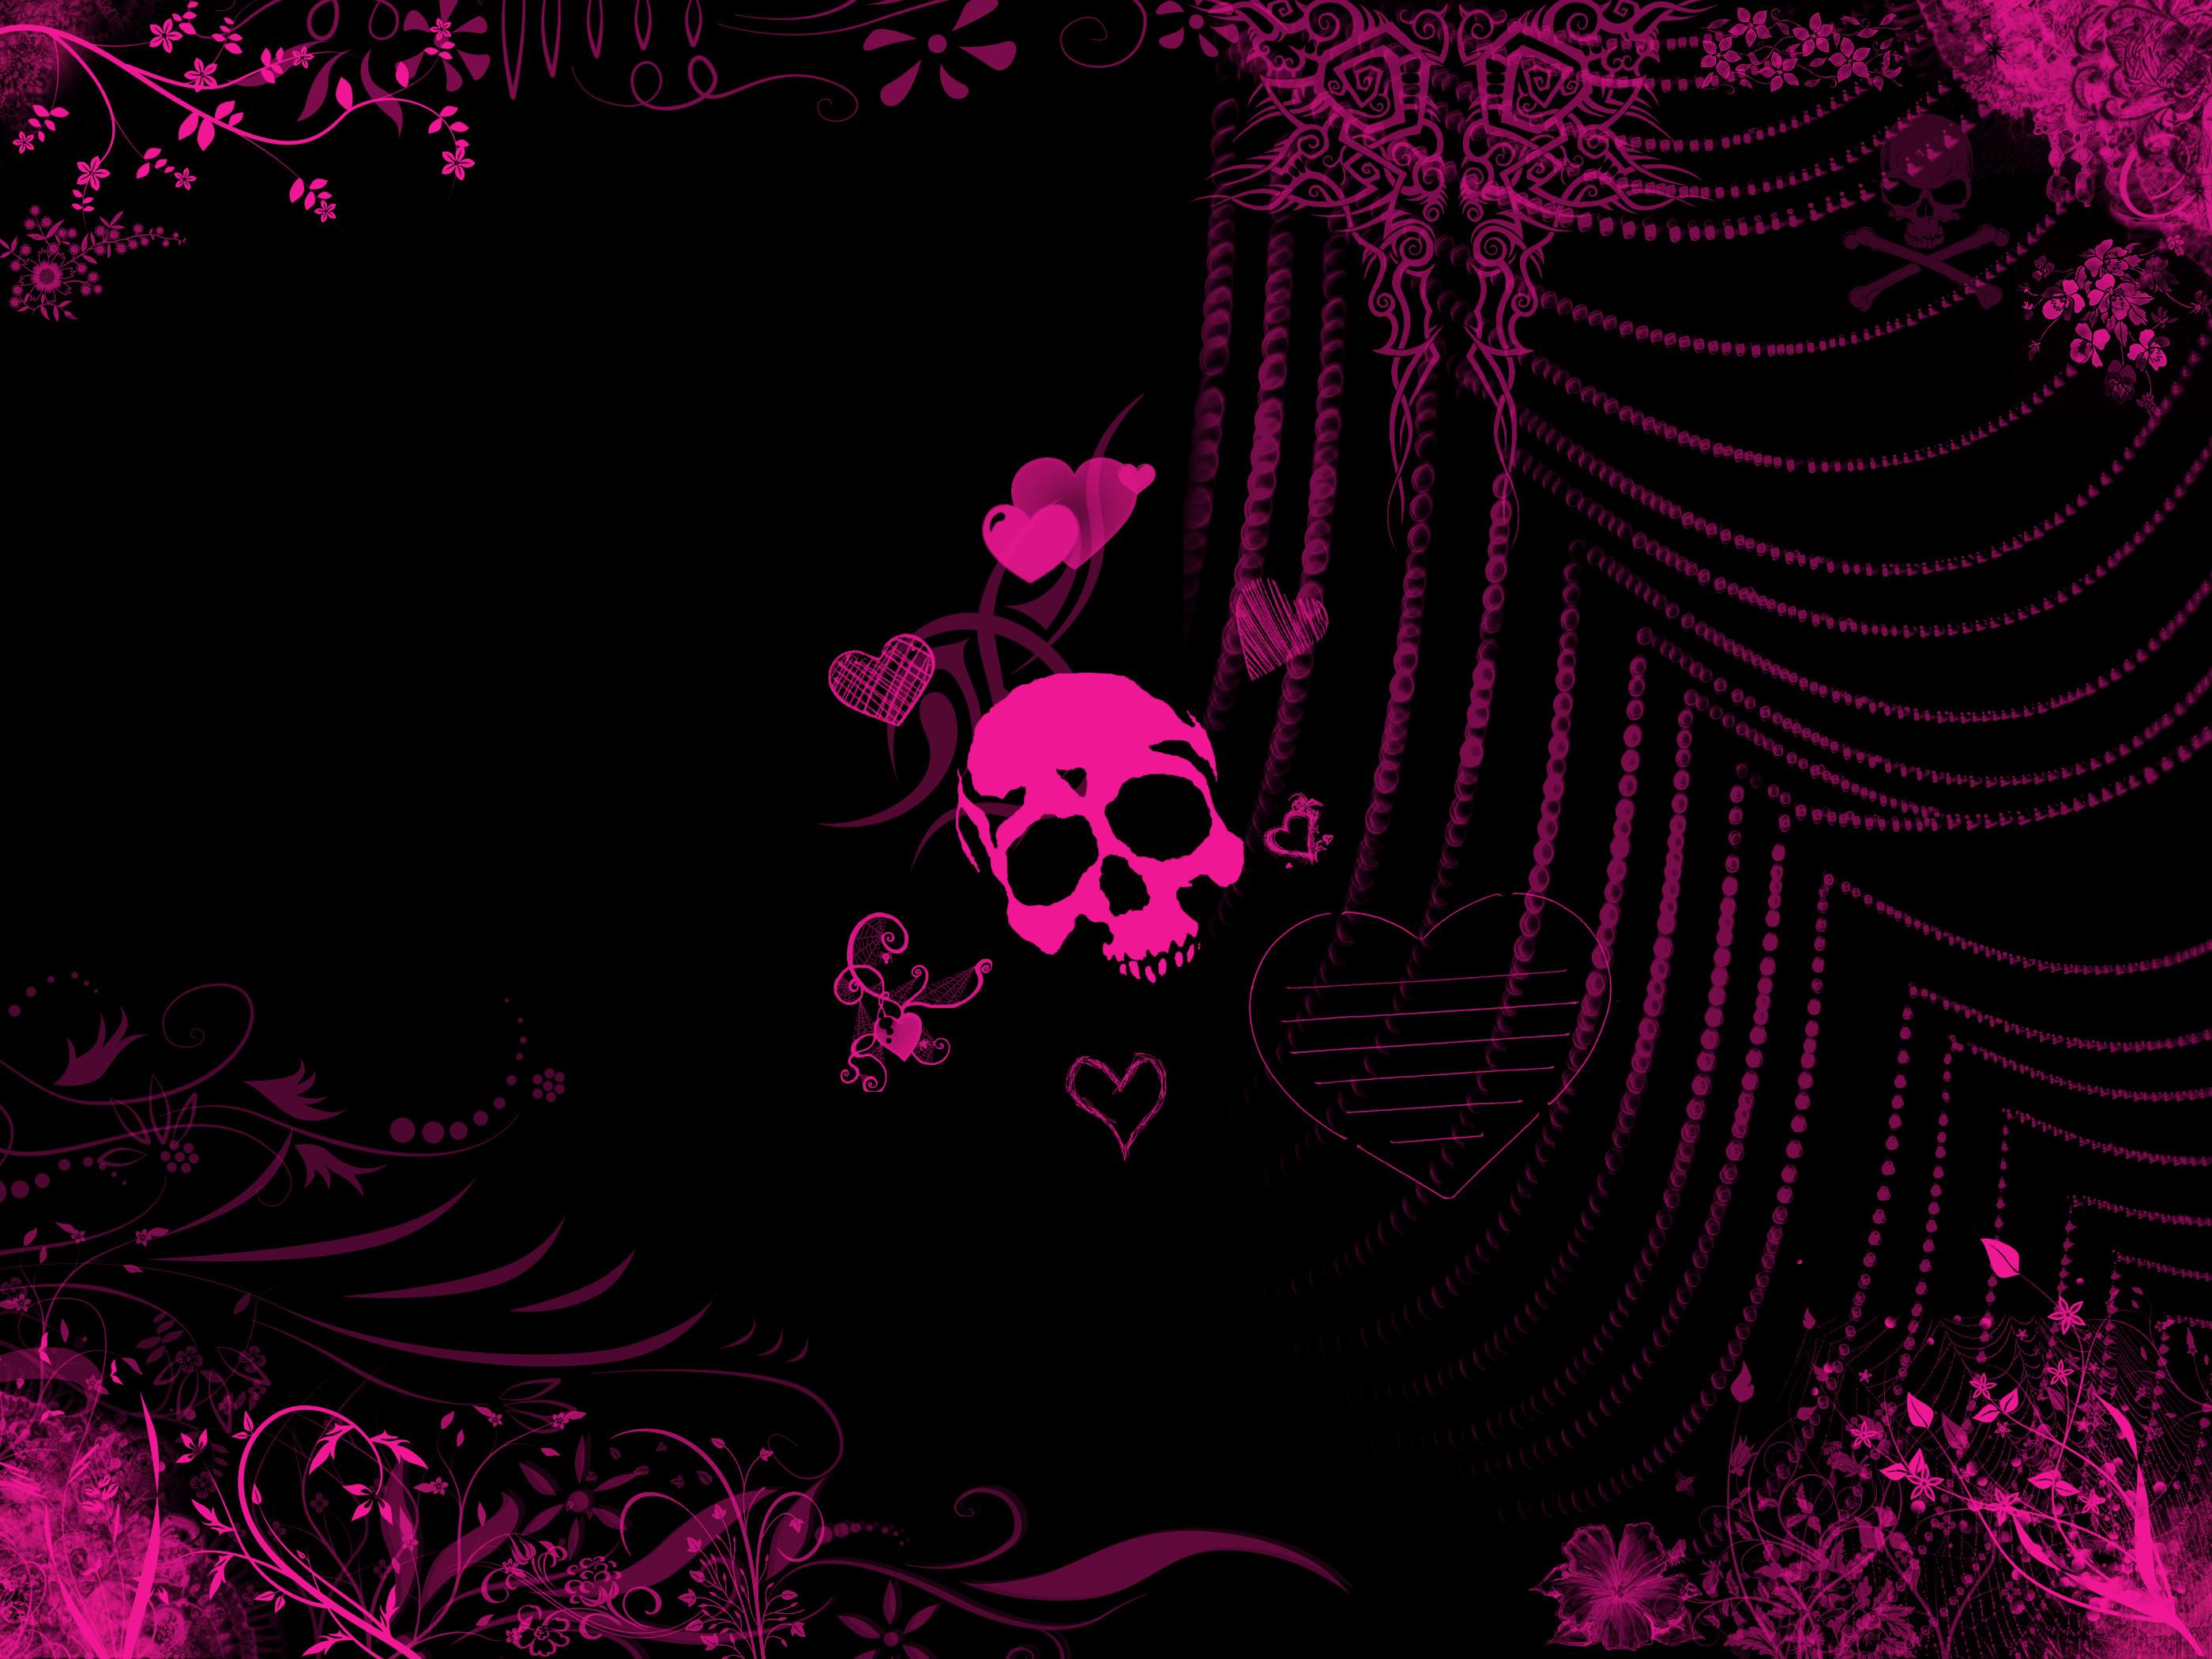 Girly Skull Wallpaper Related wallpaper for pink emo